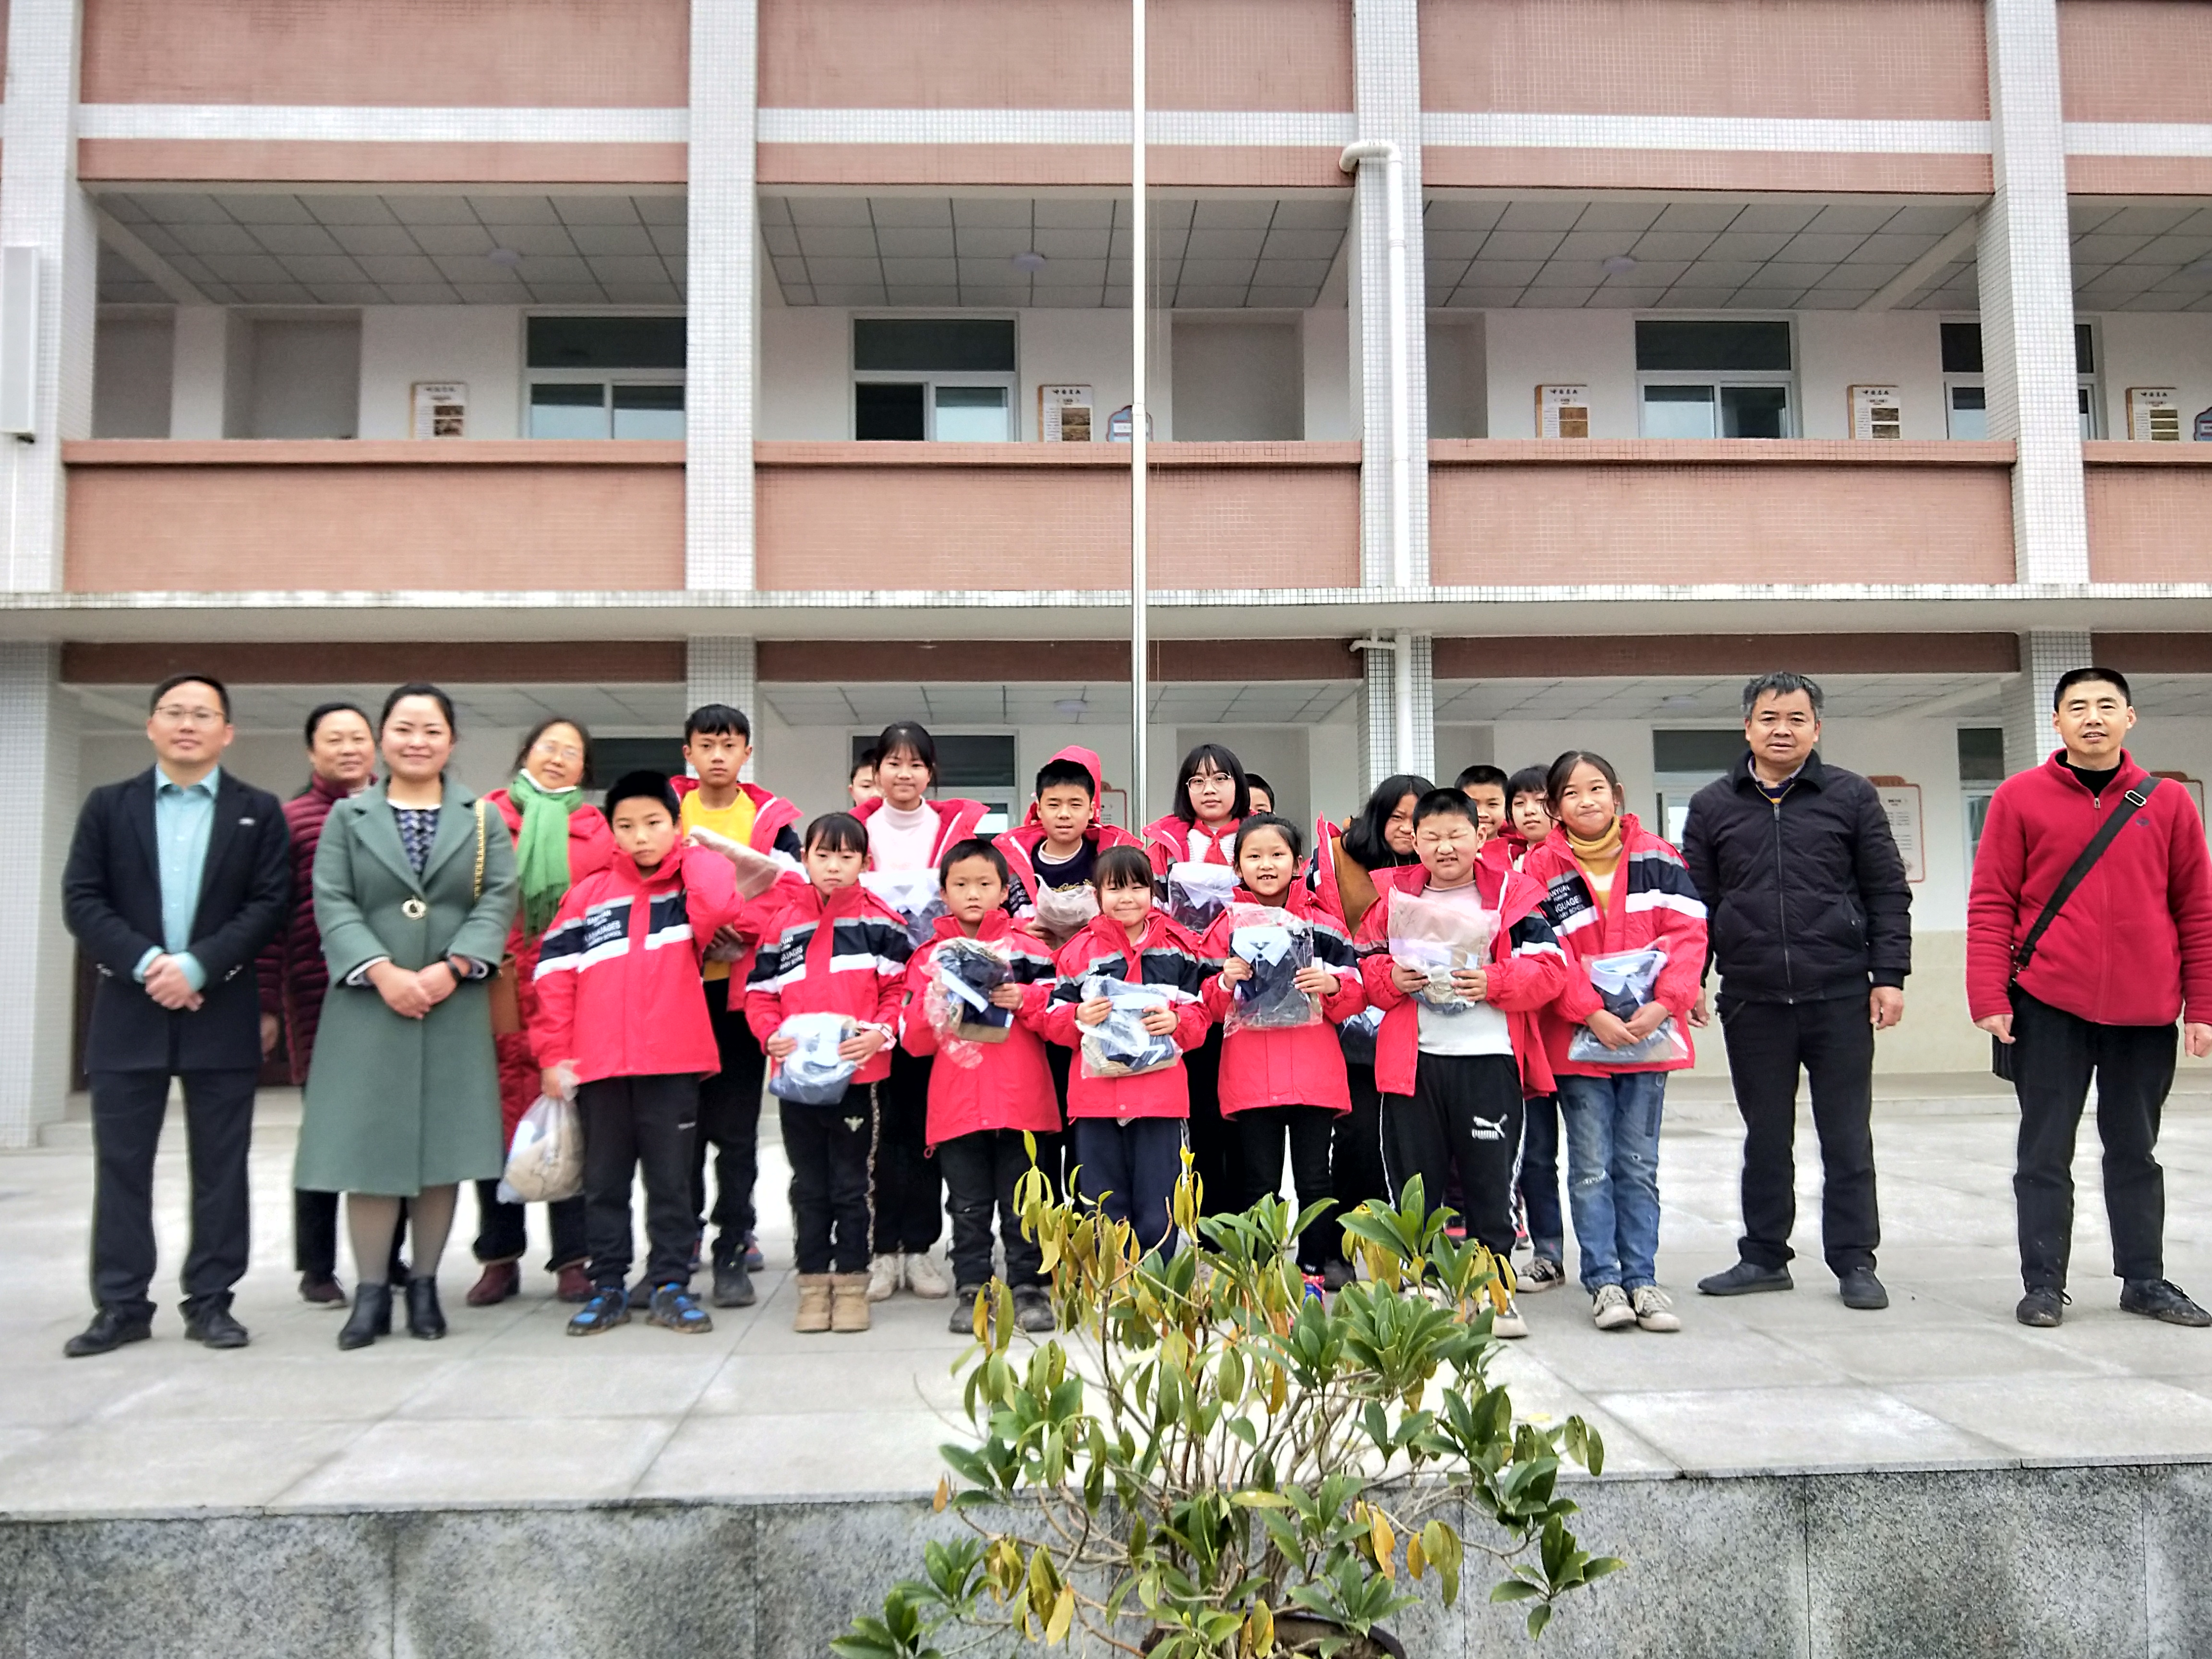 银彤教育集团向乡村小学捐赠校服